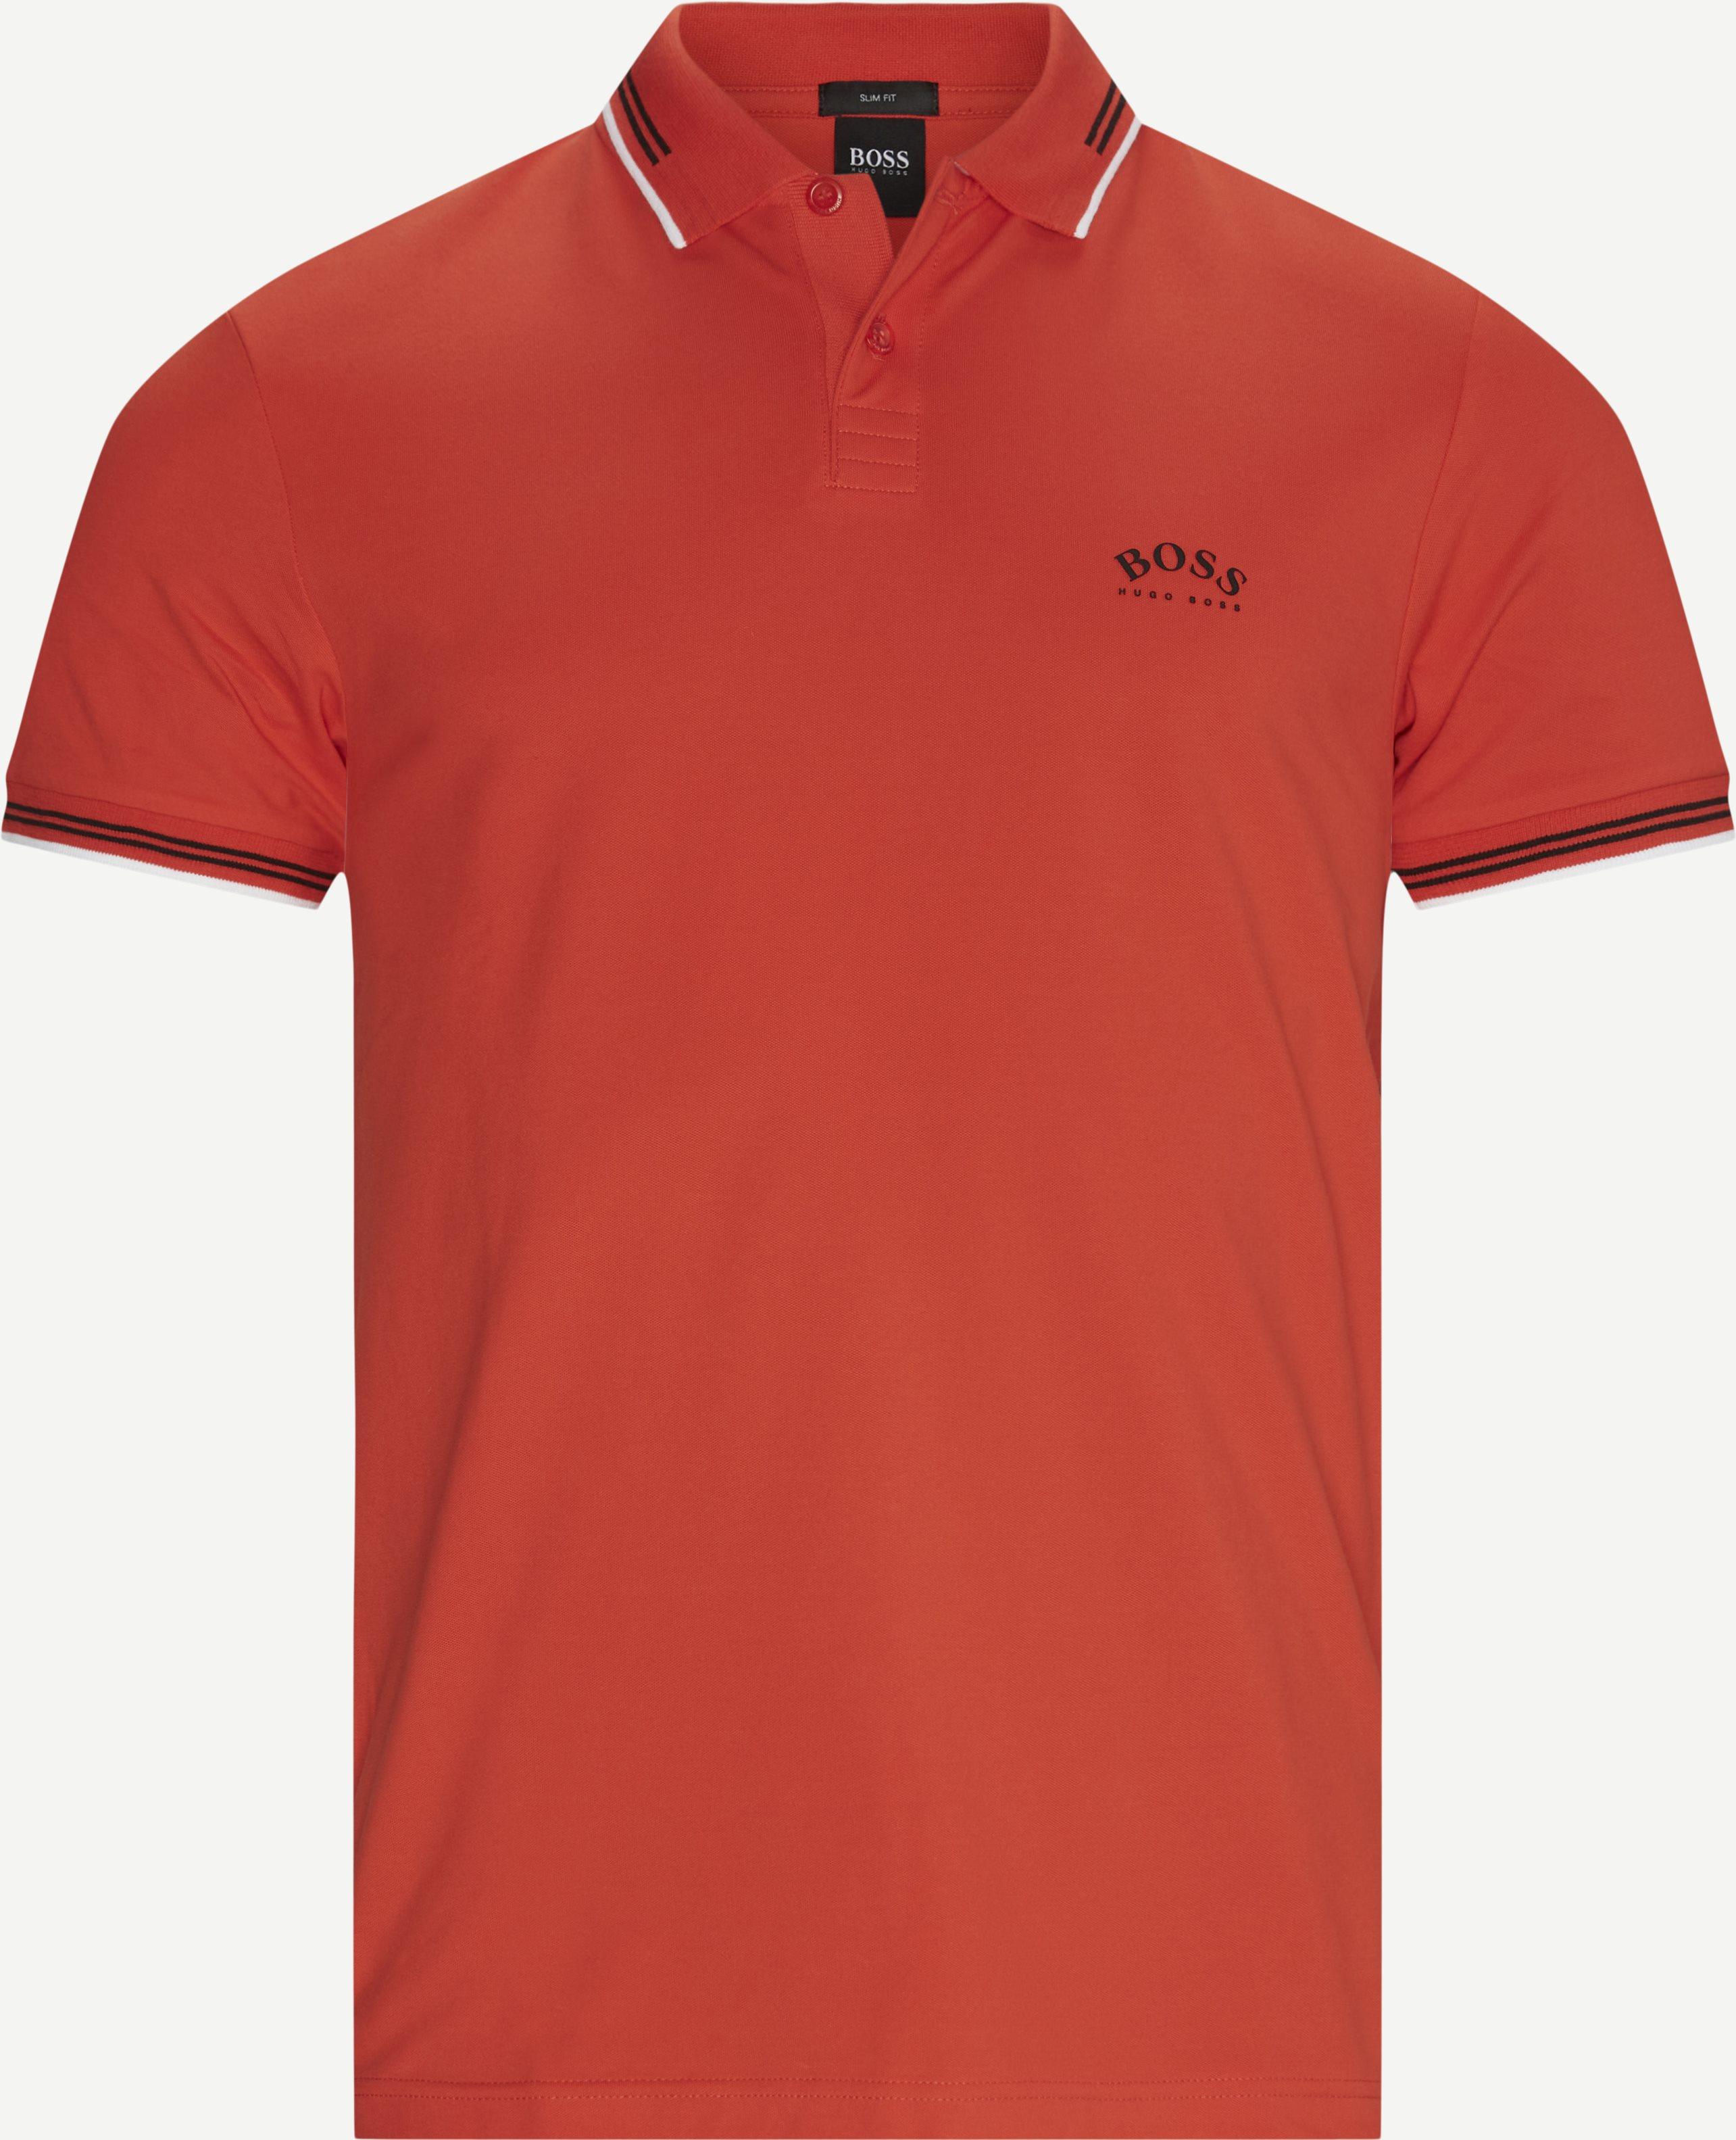 T-Shirts - Slim - Orange